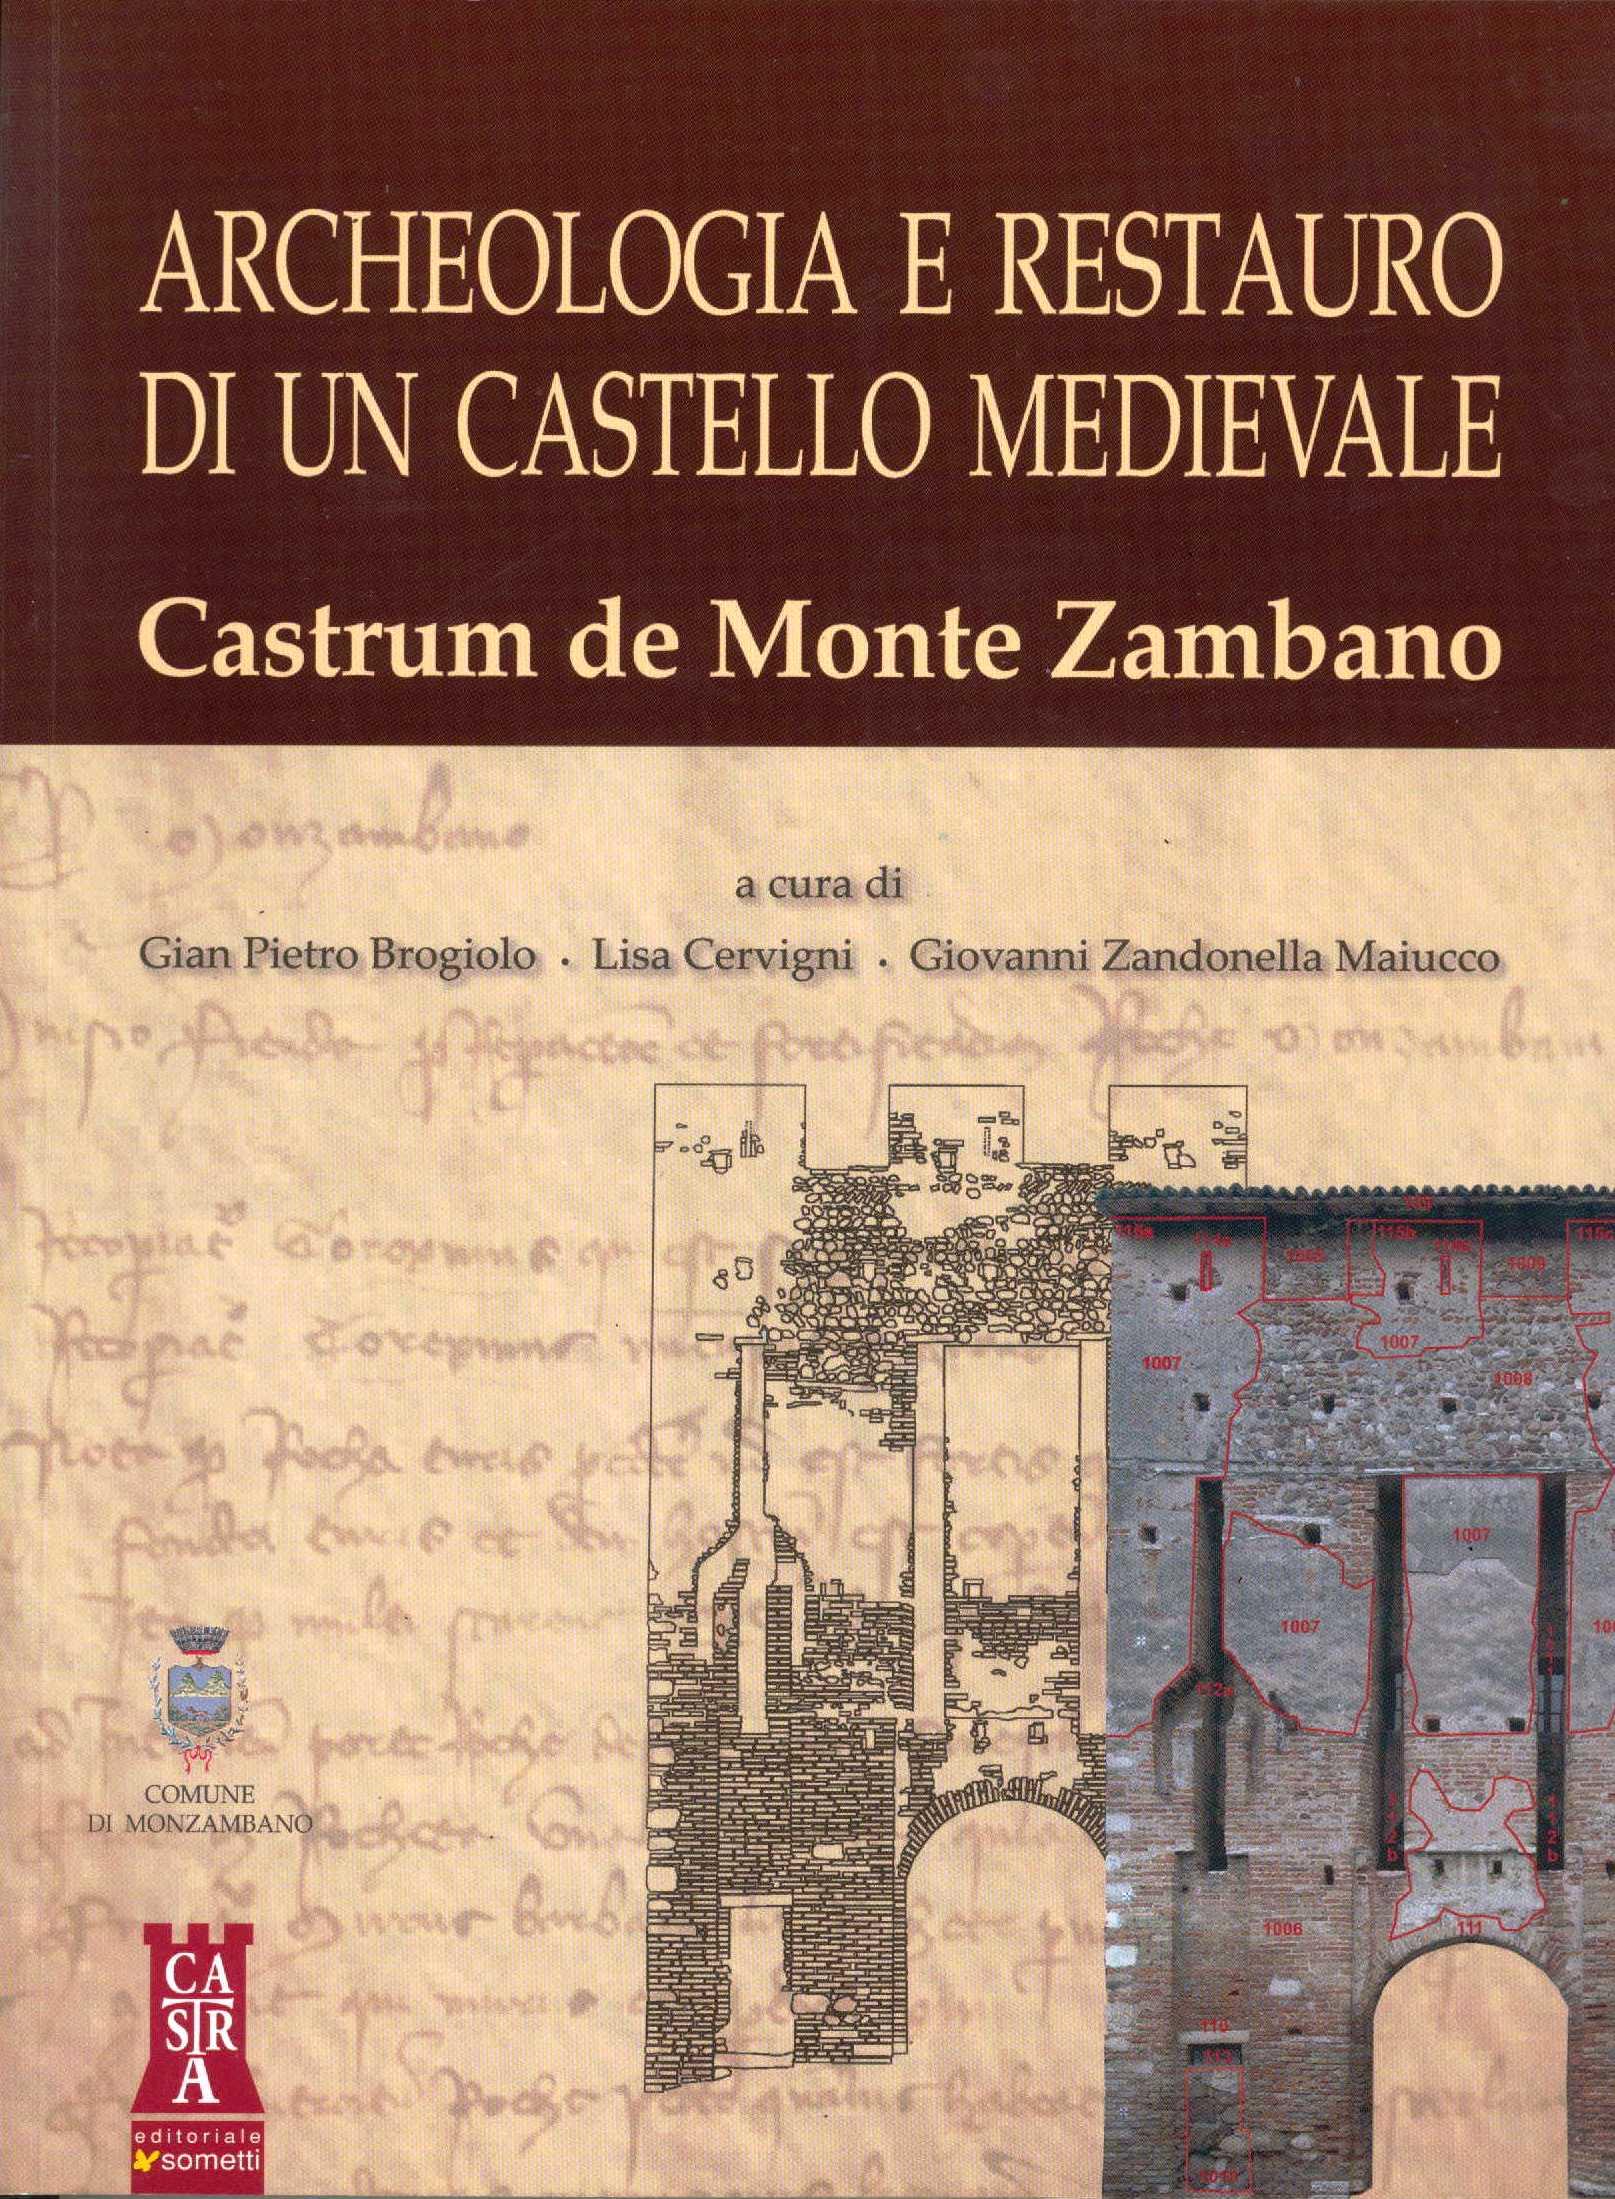 Archeologia e restauro di un castello medievale